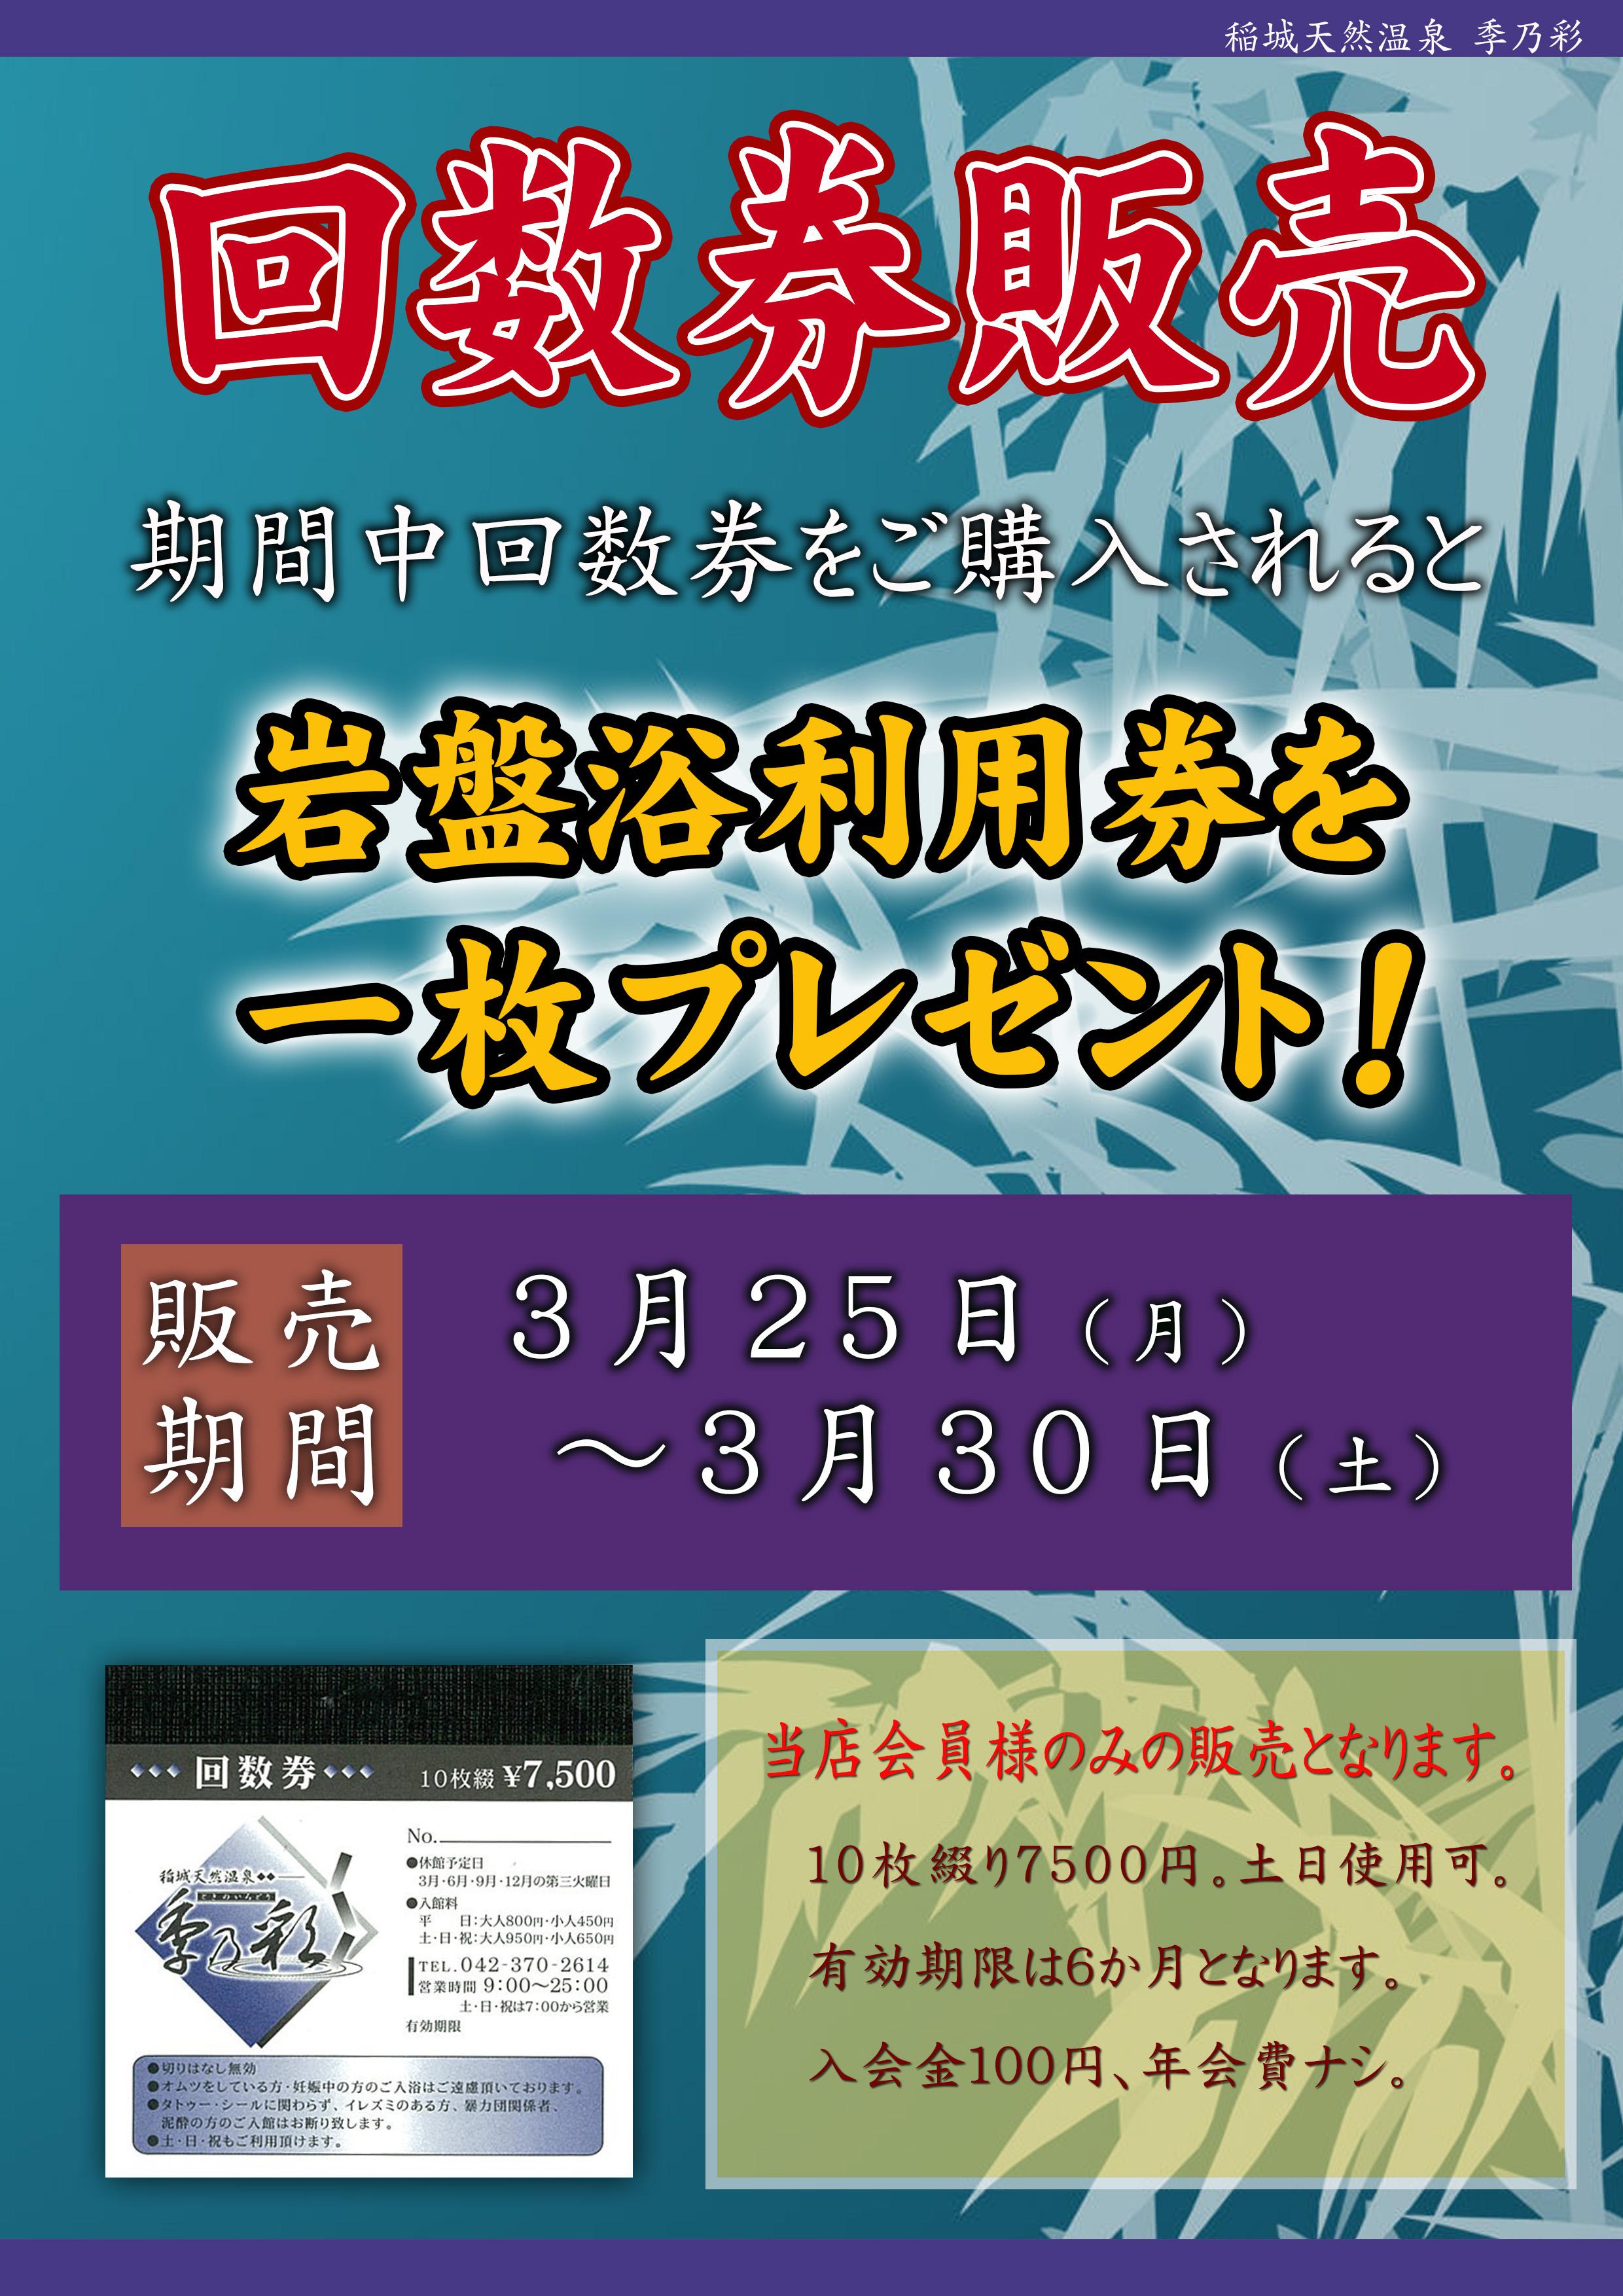 201903POP イベント 回数券特売 岩盤浴券付与【入会100円】3月